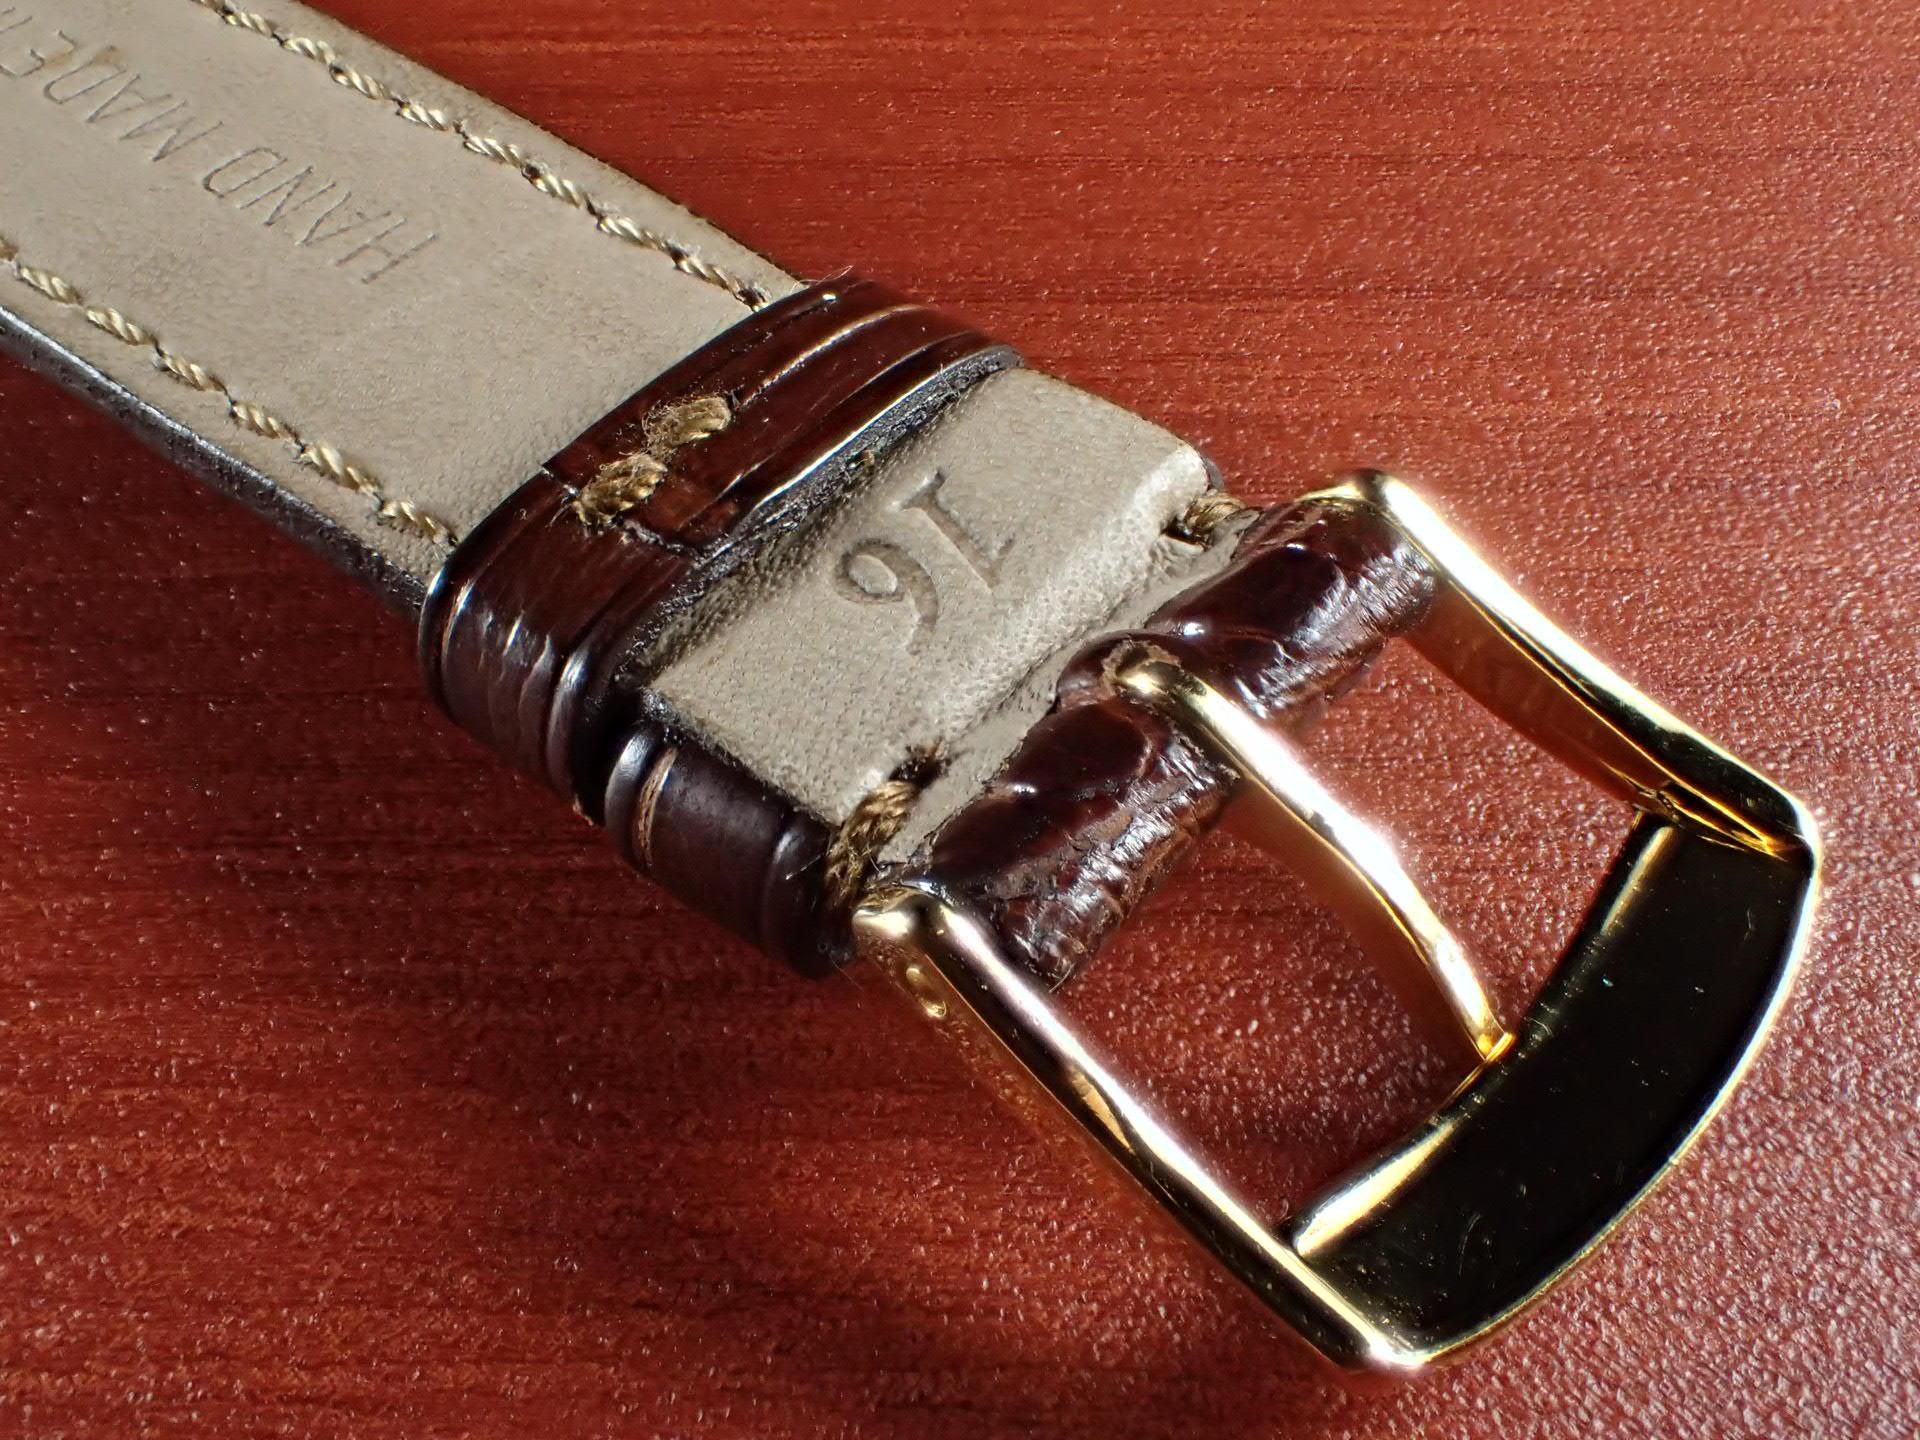 ジャン・クロード ペラン革ベルト(オールドぺラン)クロコダイル ダークブラウン 16mmの写真4枚目